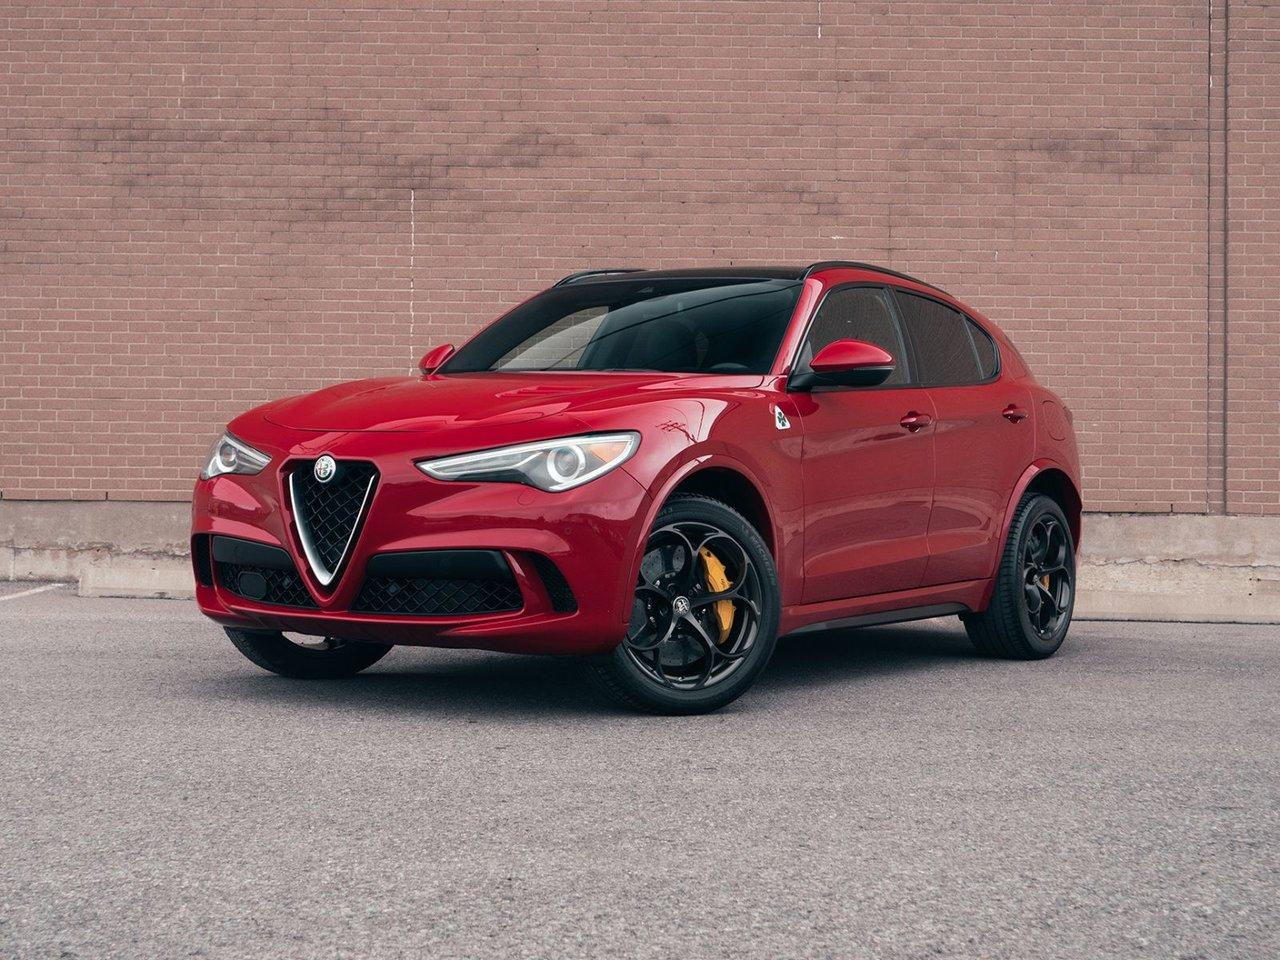 Alfa Romeo Stelvio 2019 Quadrifoglio Carbon ceramic brakes